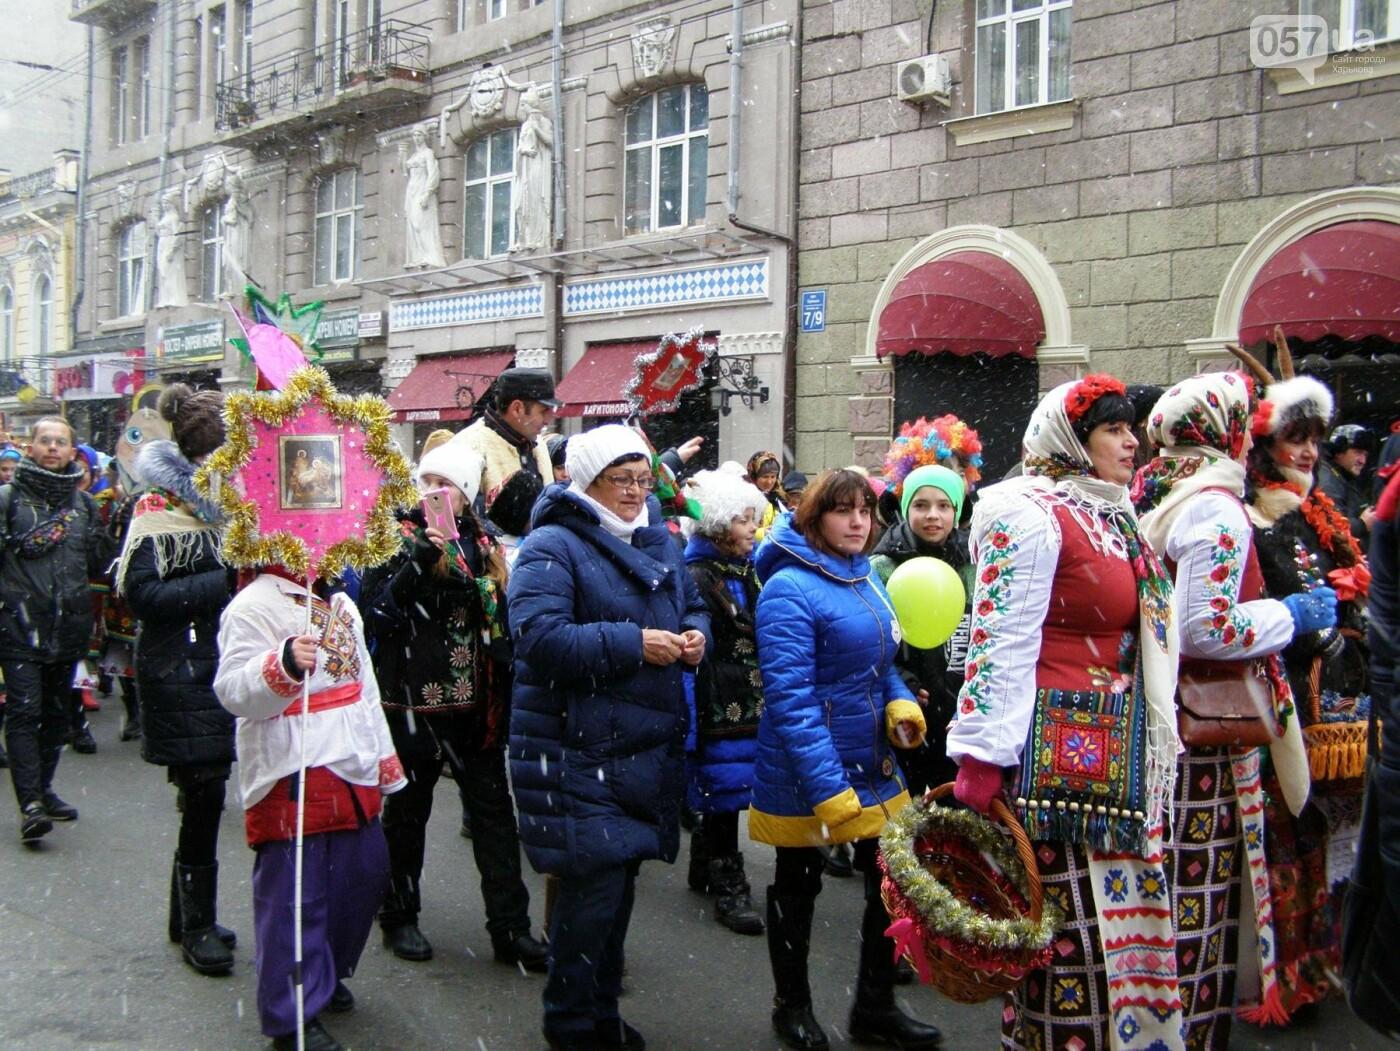 Харьков заполонили ангелы, козы и черти: в городе прошел масштабный фестиваль вертепов (ФОТО), фото-15